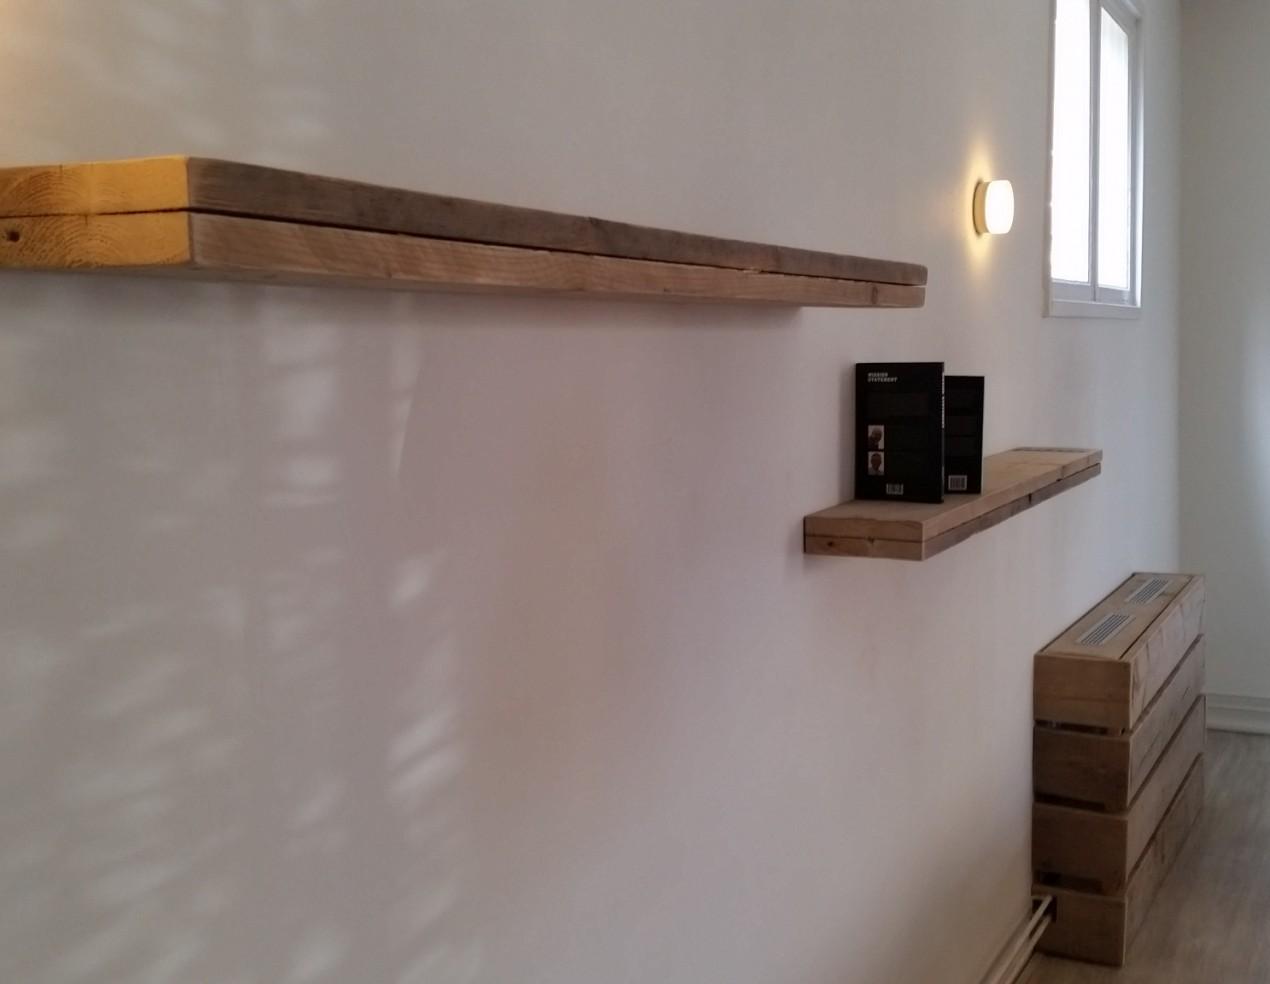 Handson Zwevende Wandplank.Ophangsysteem Planken Onzichtbaar Handson Zwevende Wandplank 38 Mm